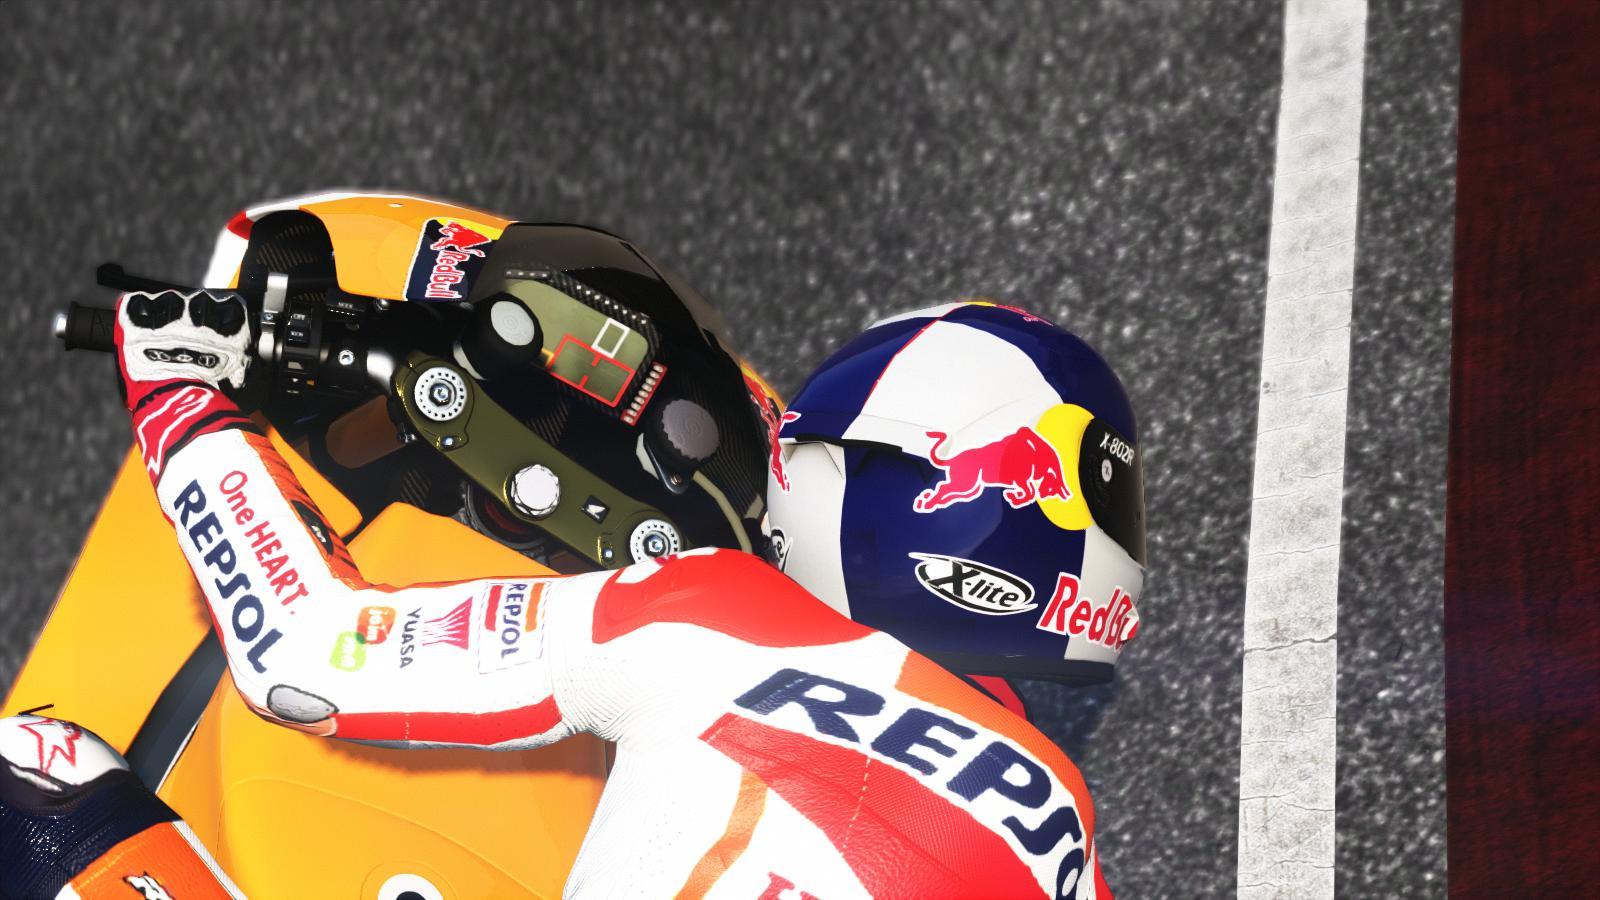 MotoGP15X64 2016-02-08 00-34-21-38.jpg